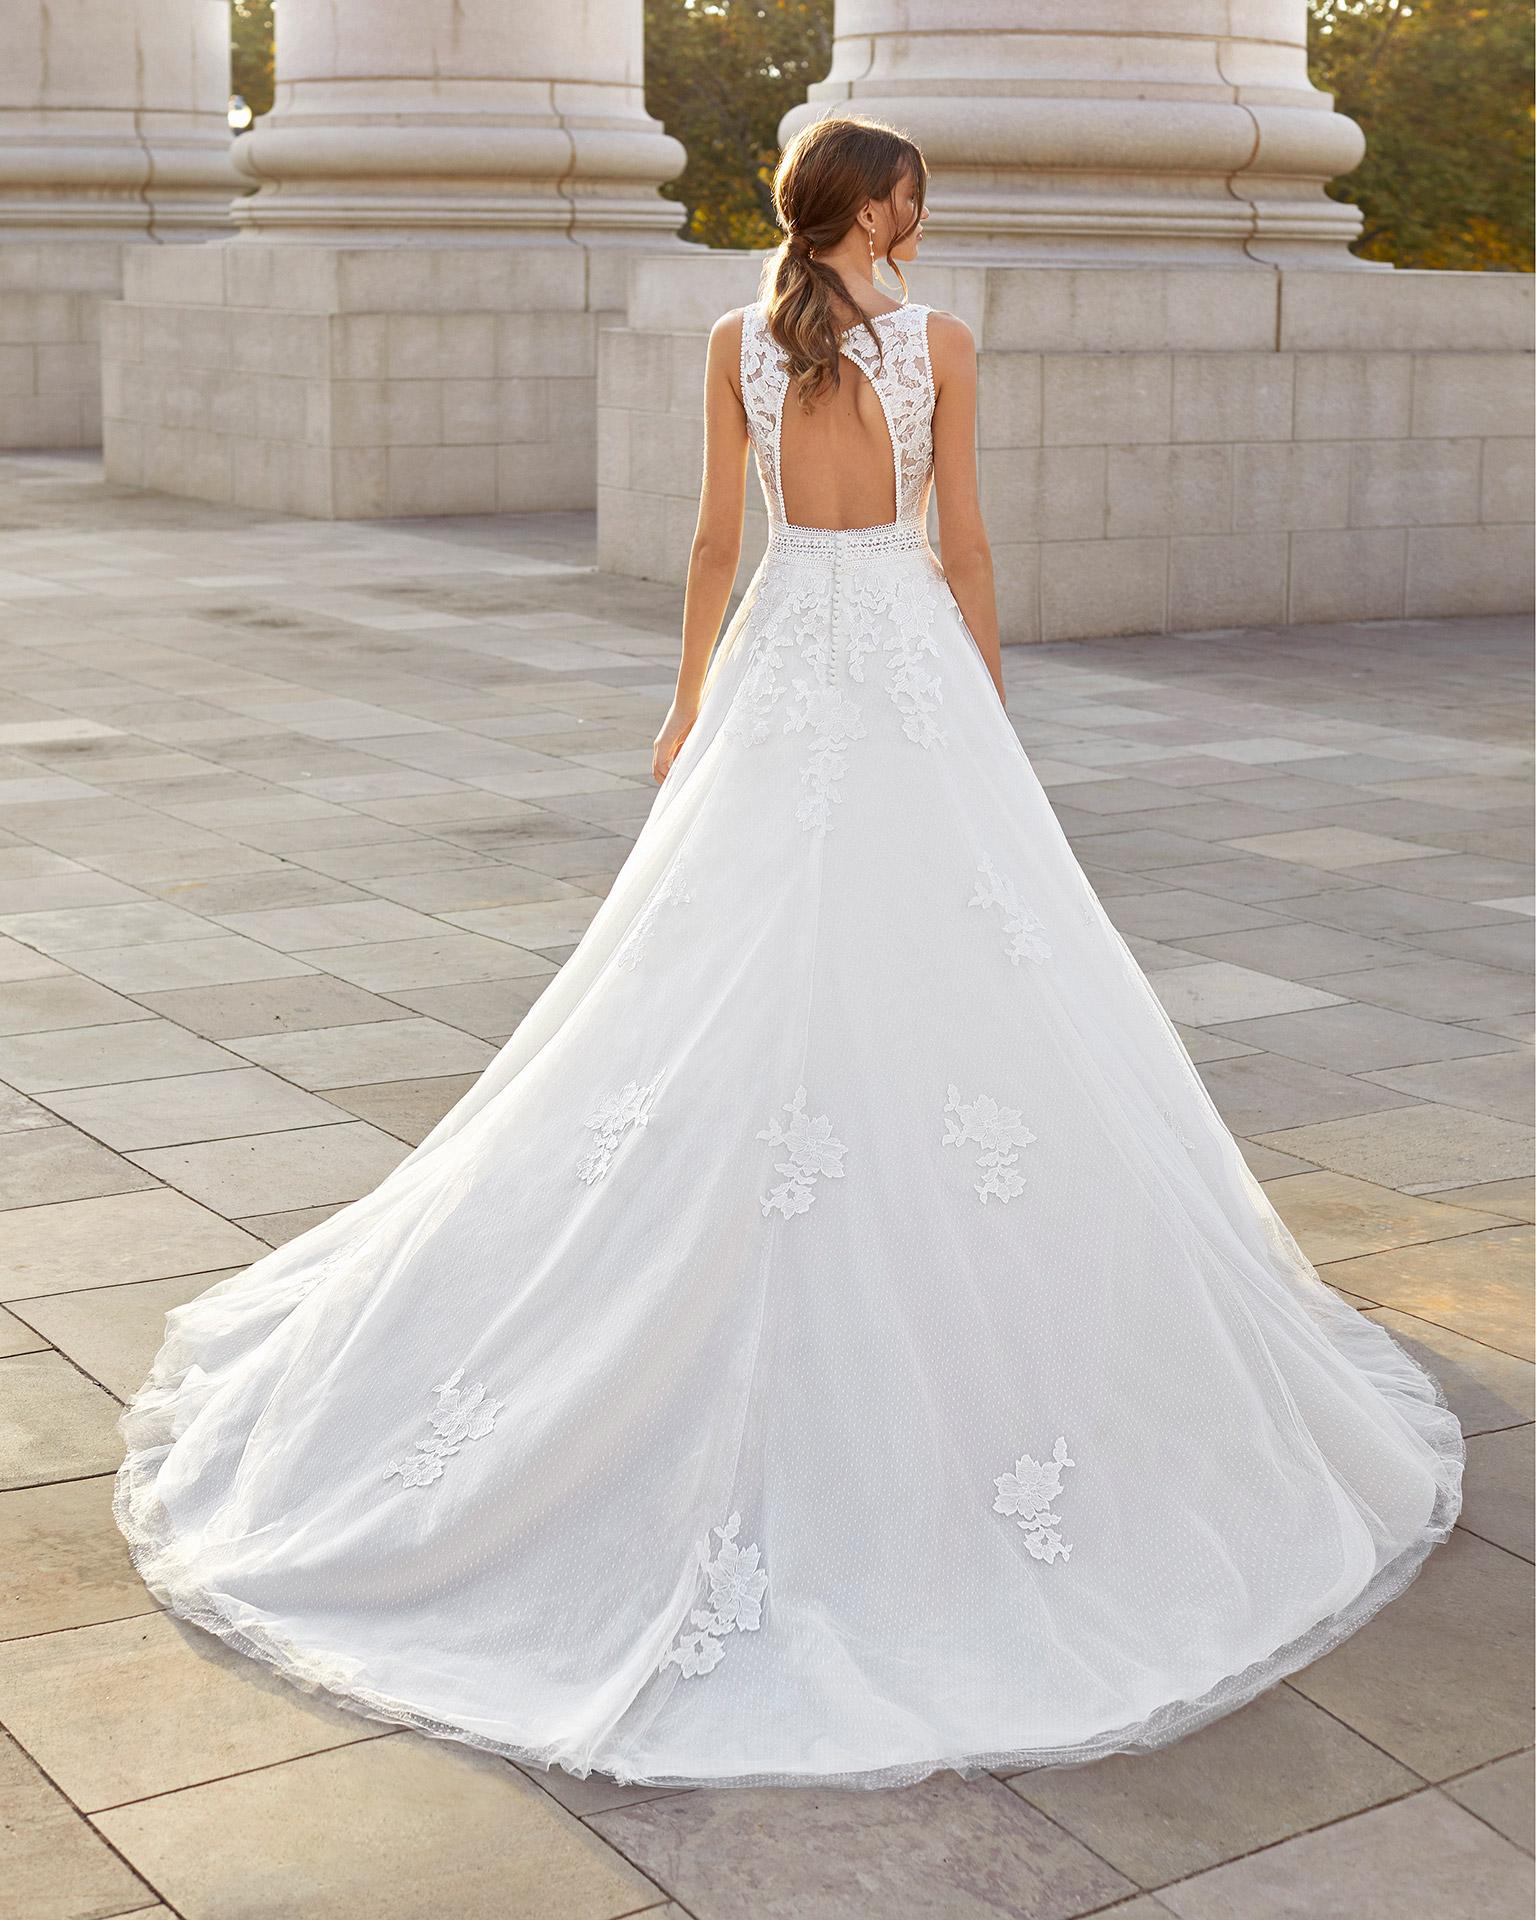 Vestido de novia corte evasé de tul plumeti, encaje y pedrería. Escote en V y espalda con abertura. Colección  2021.